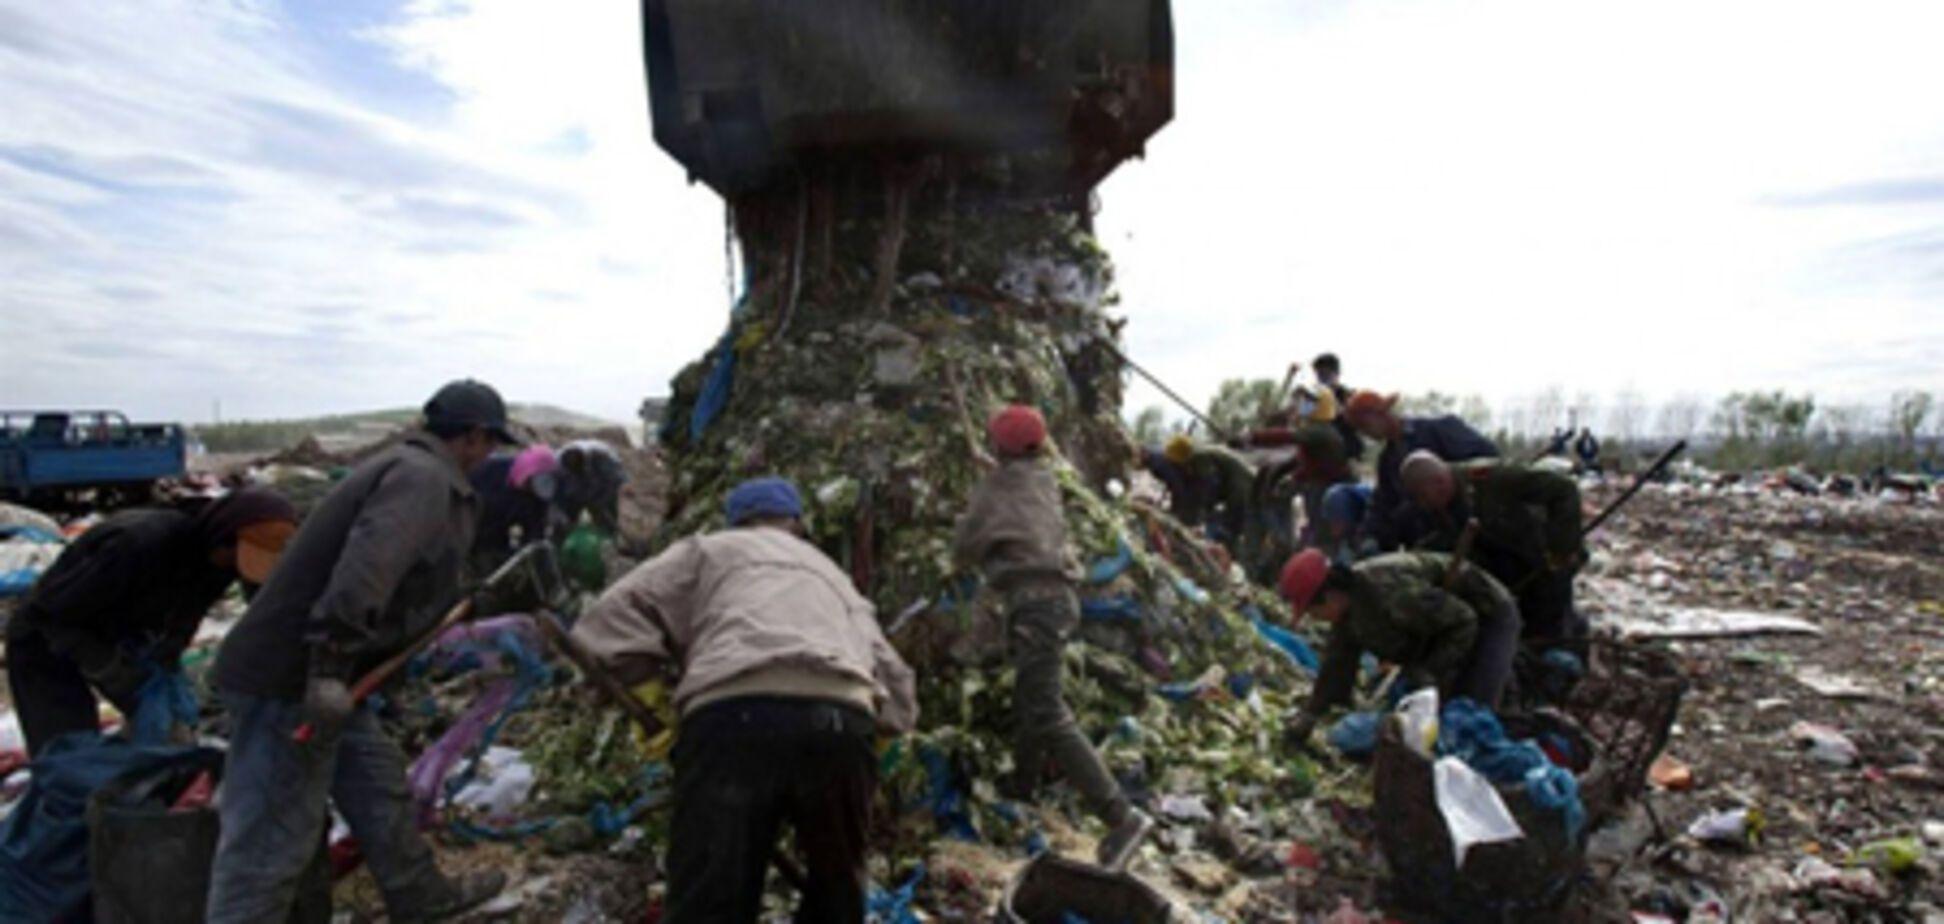 ООН займеться прибиранням сміття в Одесі